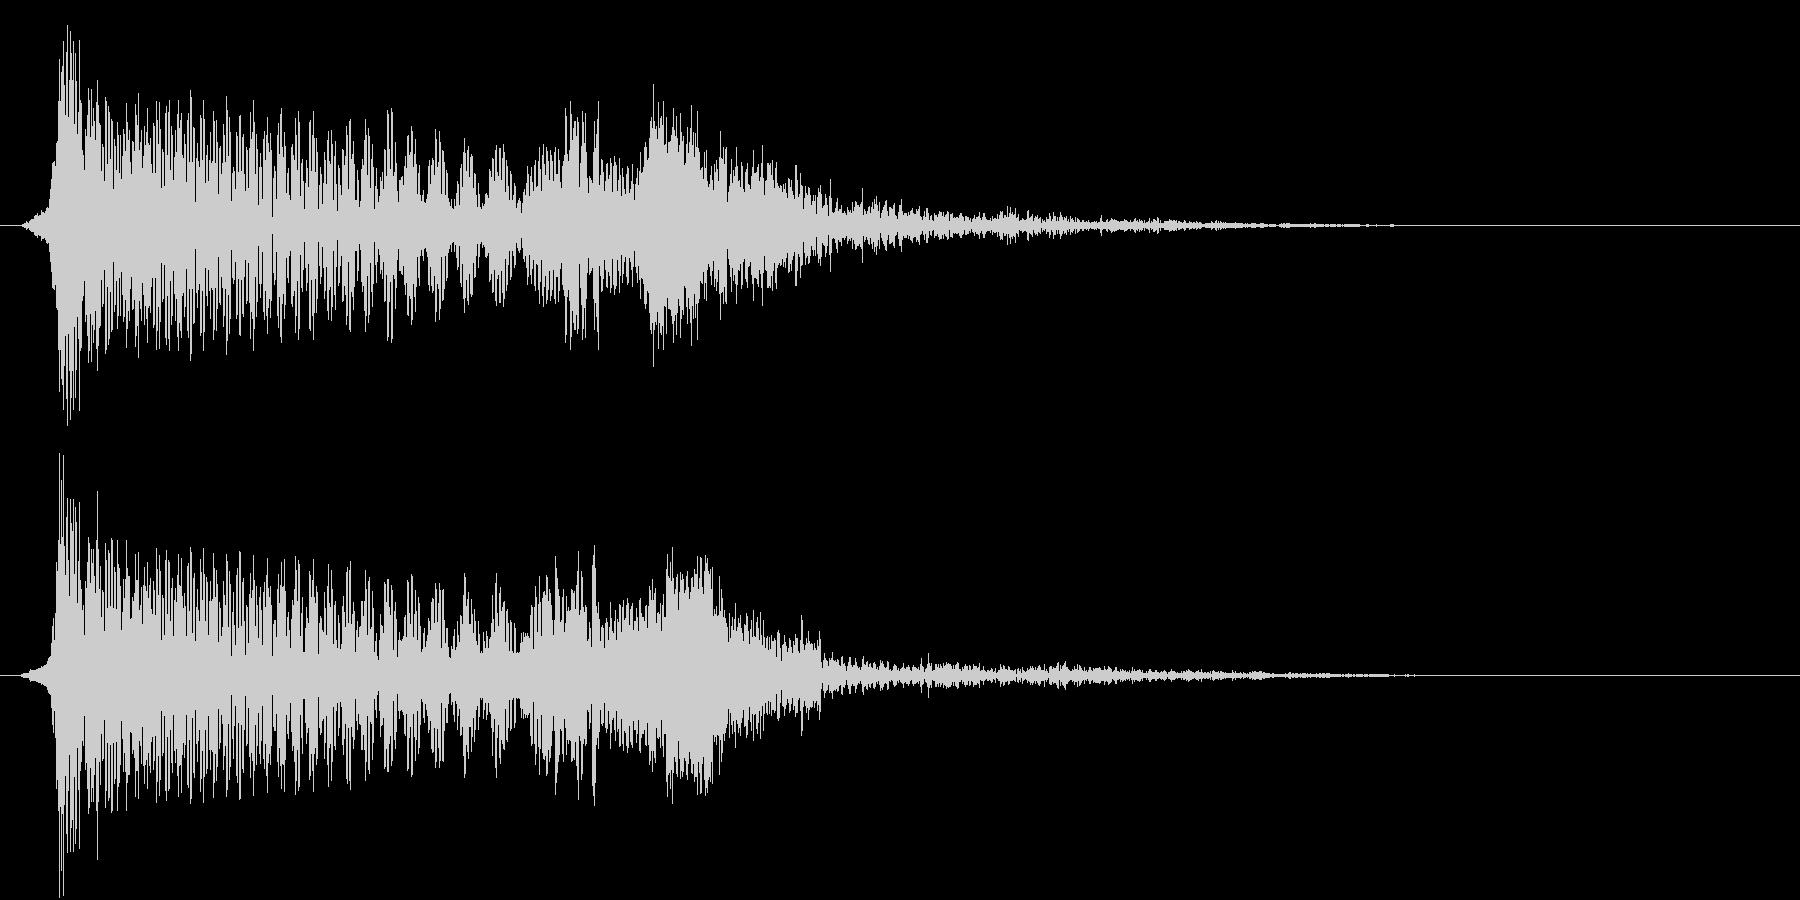 215_ショッキング音1(ひやっとする)の未再生の波形